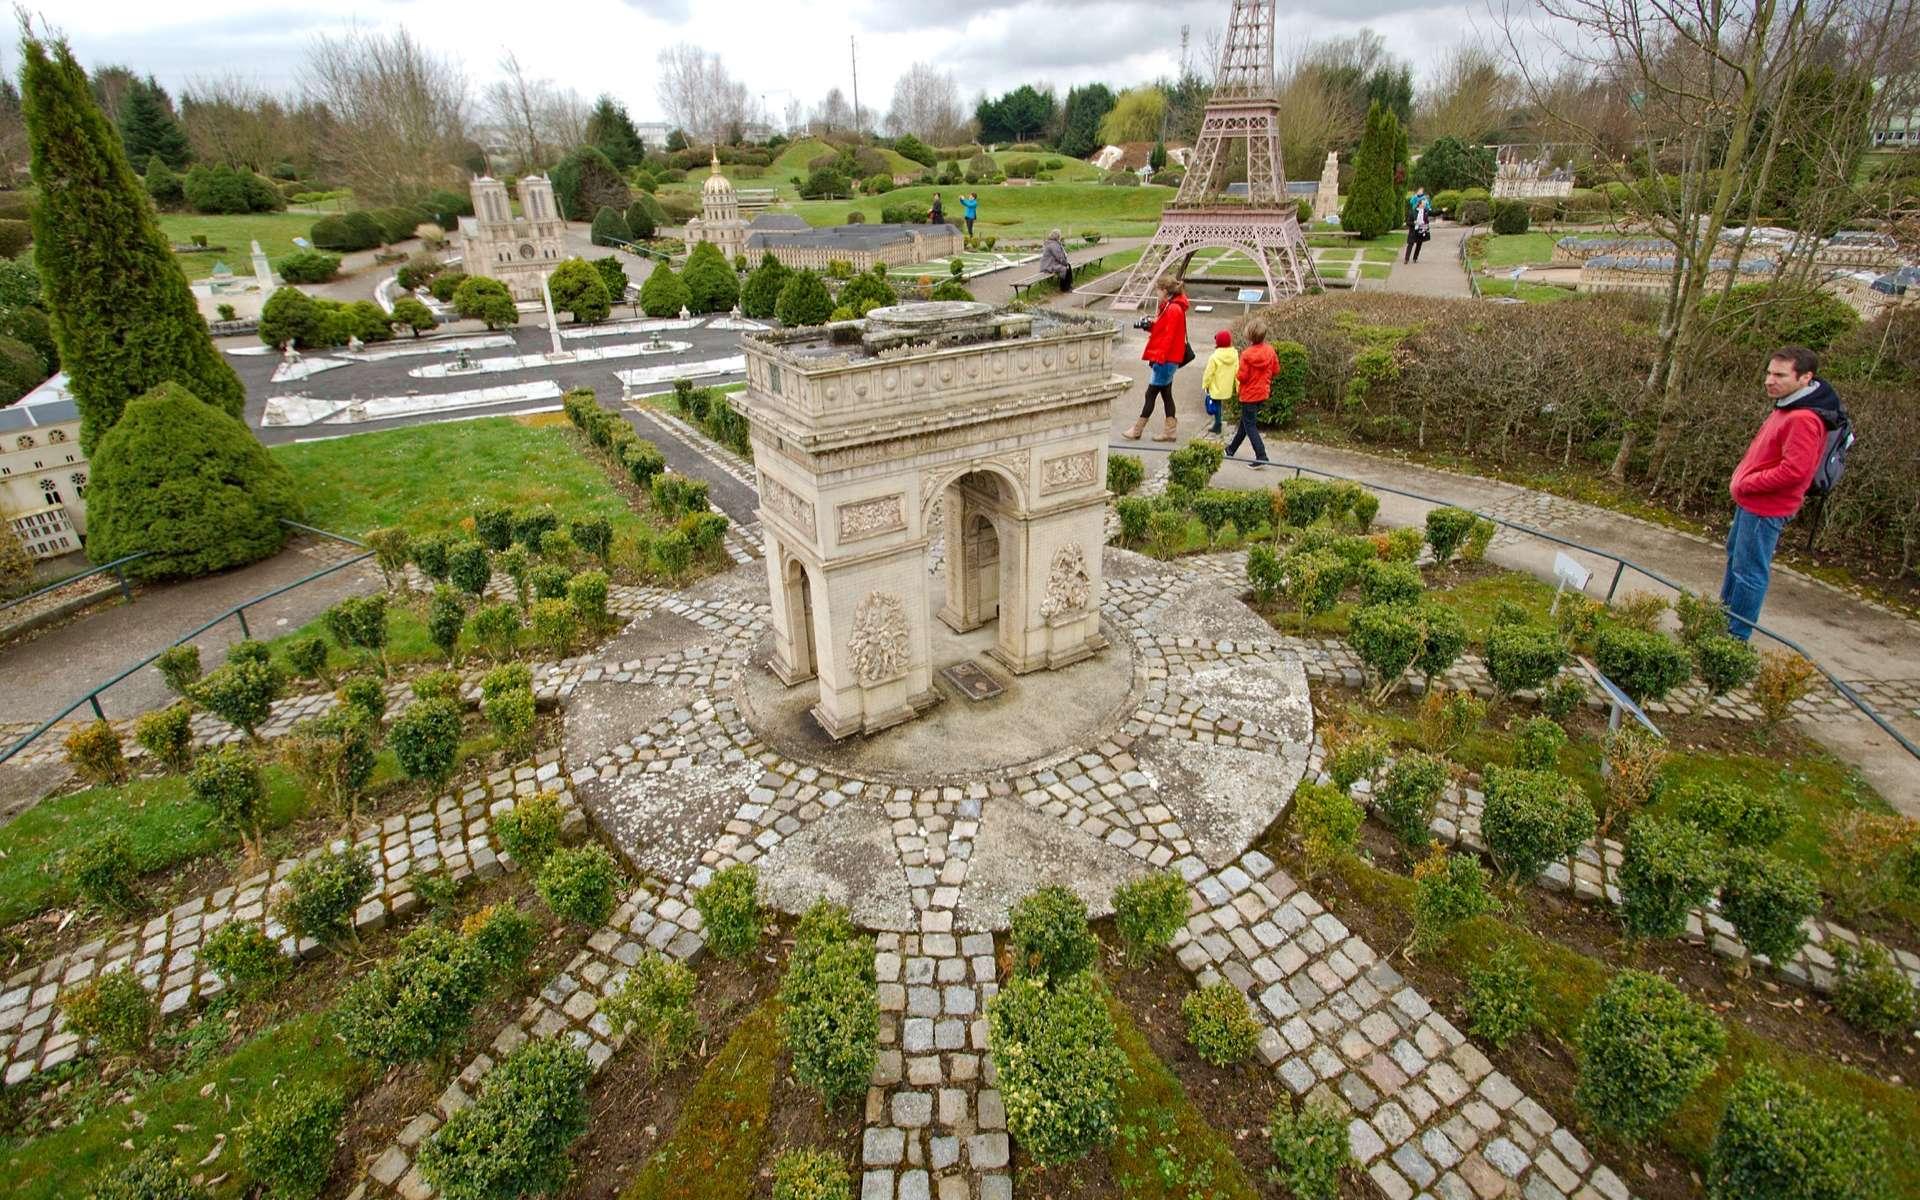 Les parcs d'attractions en Ile-de-France offrent des univers différents pour contenter tous les goûts. Ici, le parc France Miniature, dans les Yvelines. © Frédéric Bisson, Wikimedia Commons, CC by-sa 2.0